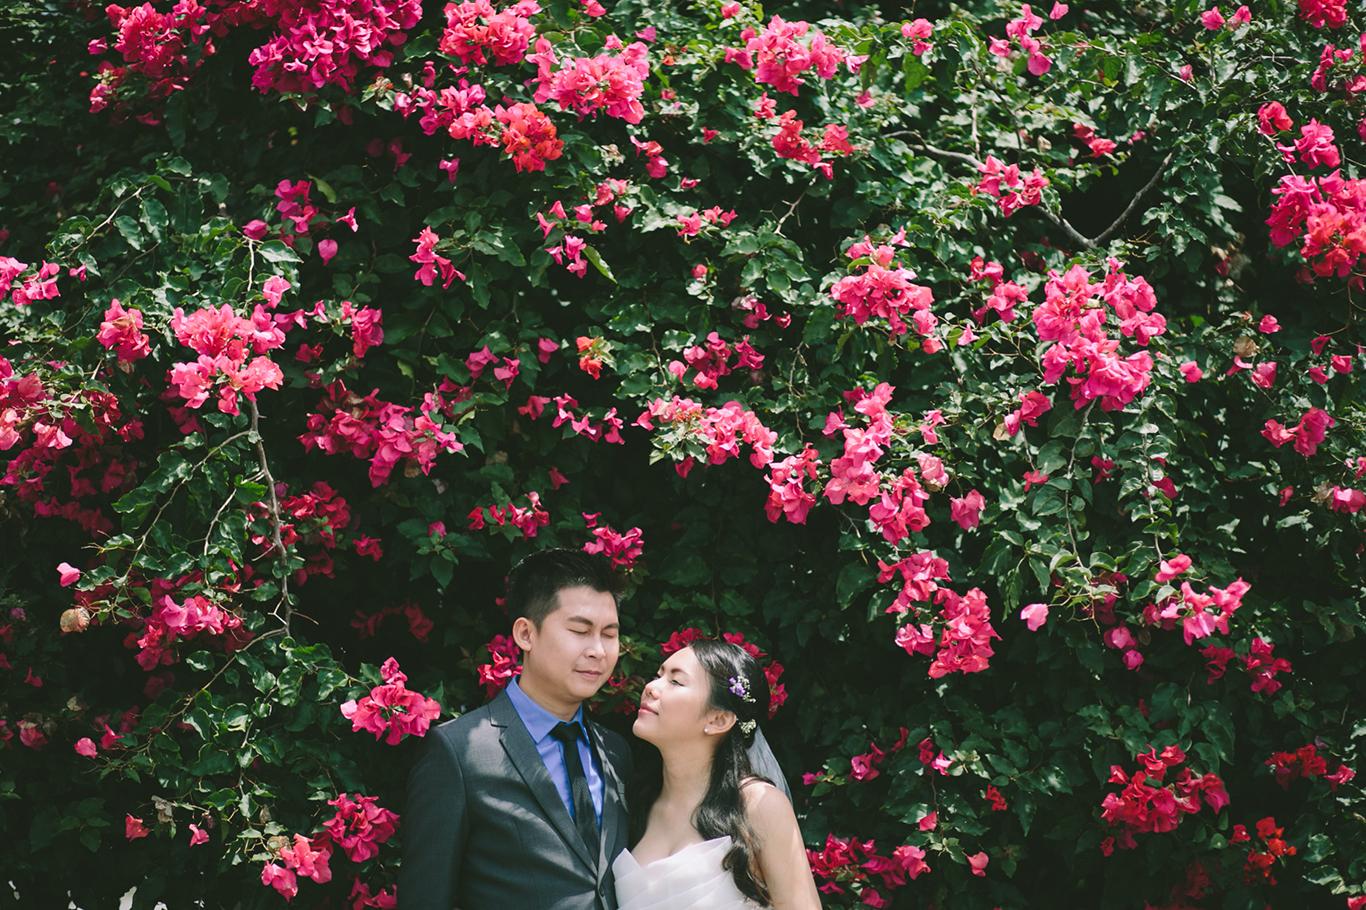 94-hellojanelee-amazing-wedding-2015-malaysia